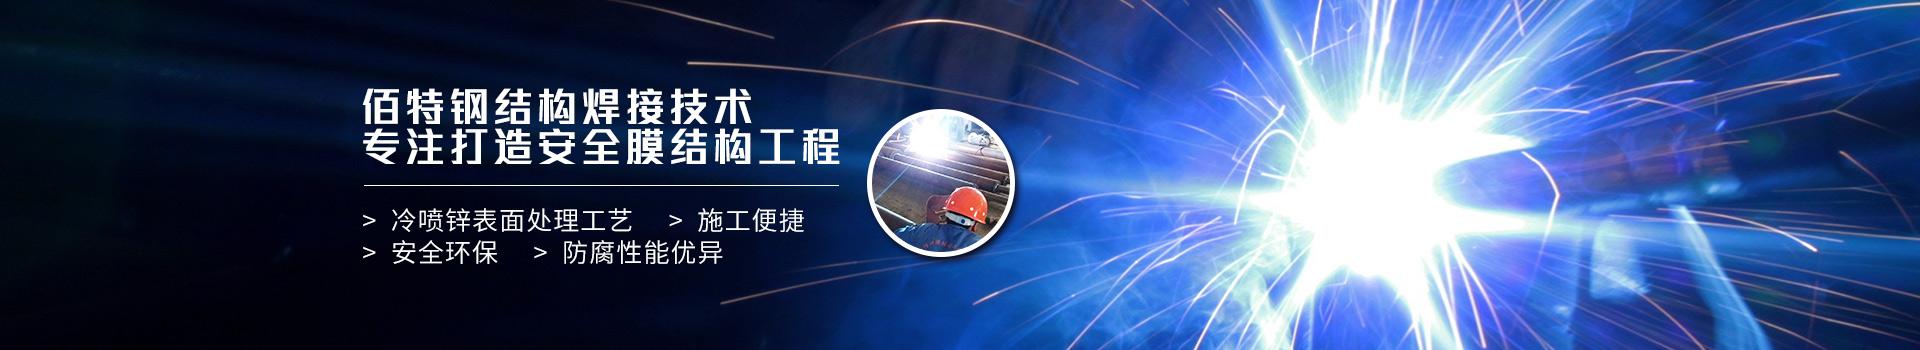 佰特钢结构焊接技术-专注打造安全膜结构工程